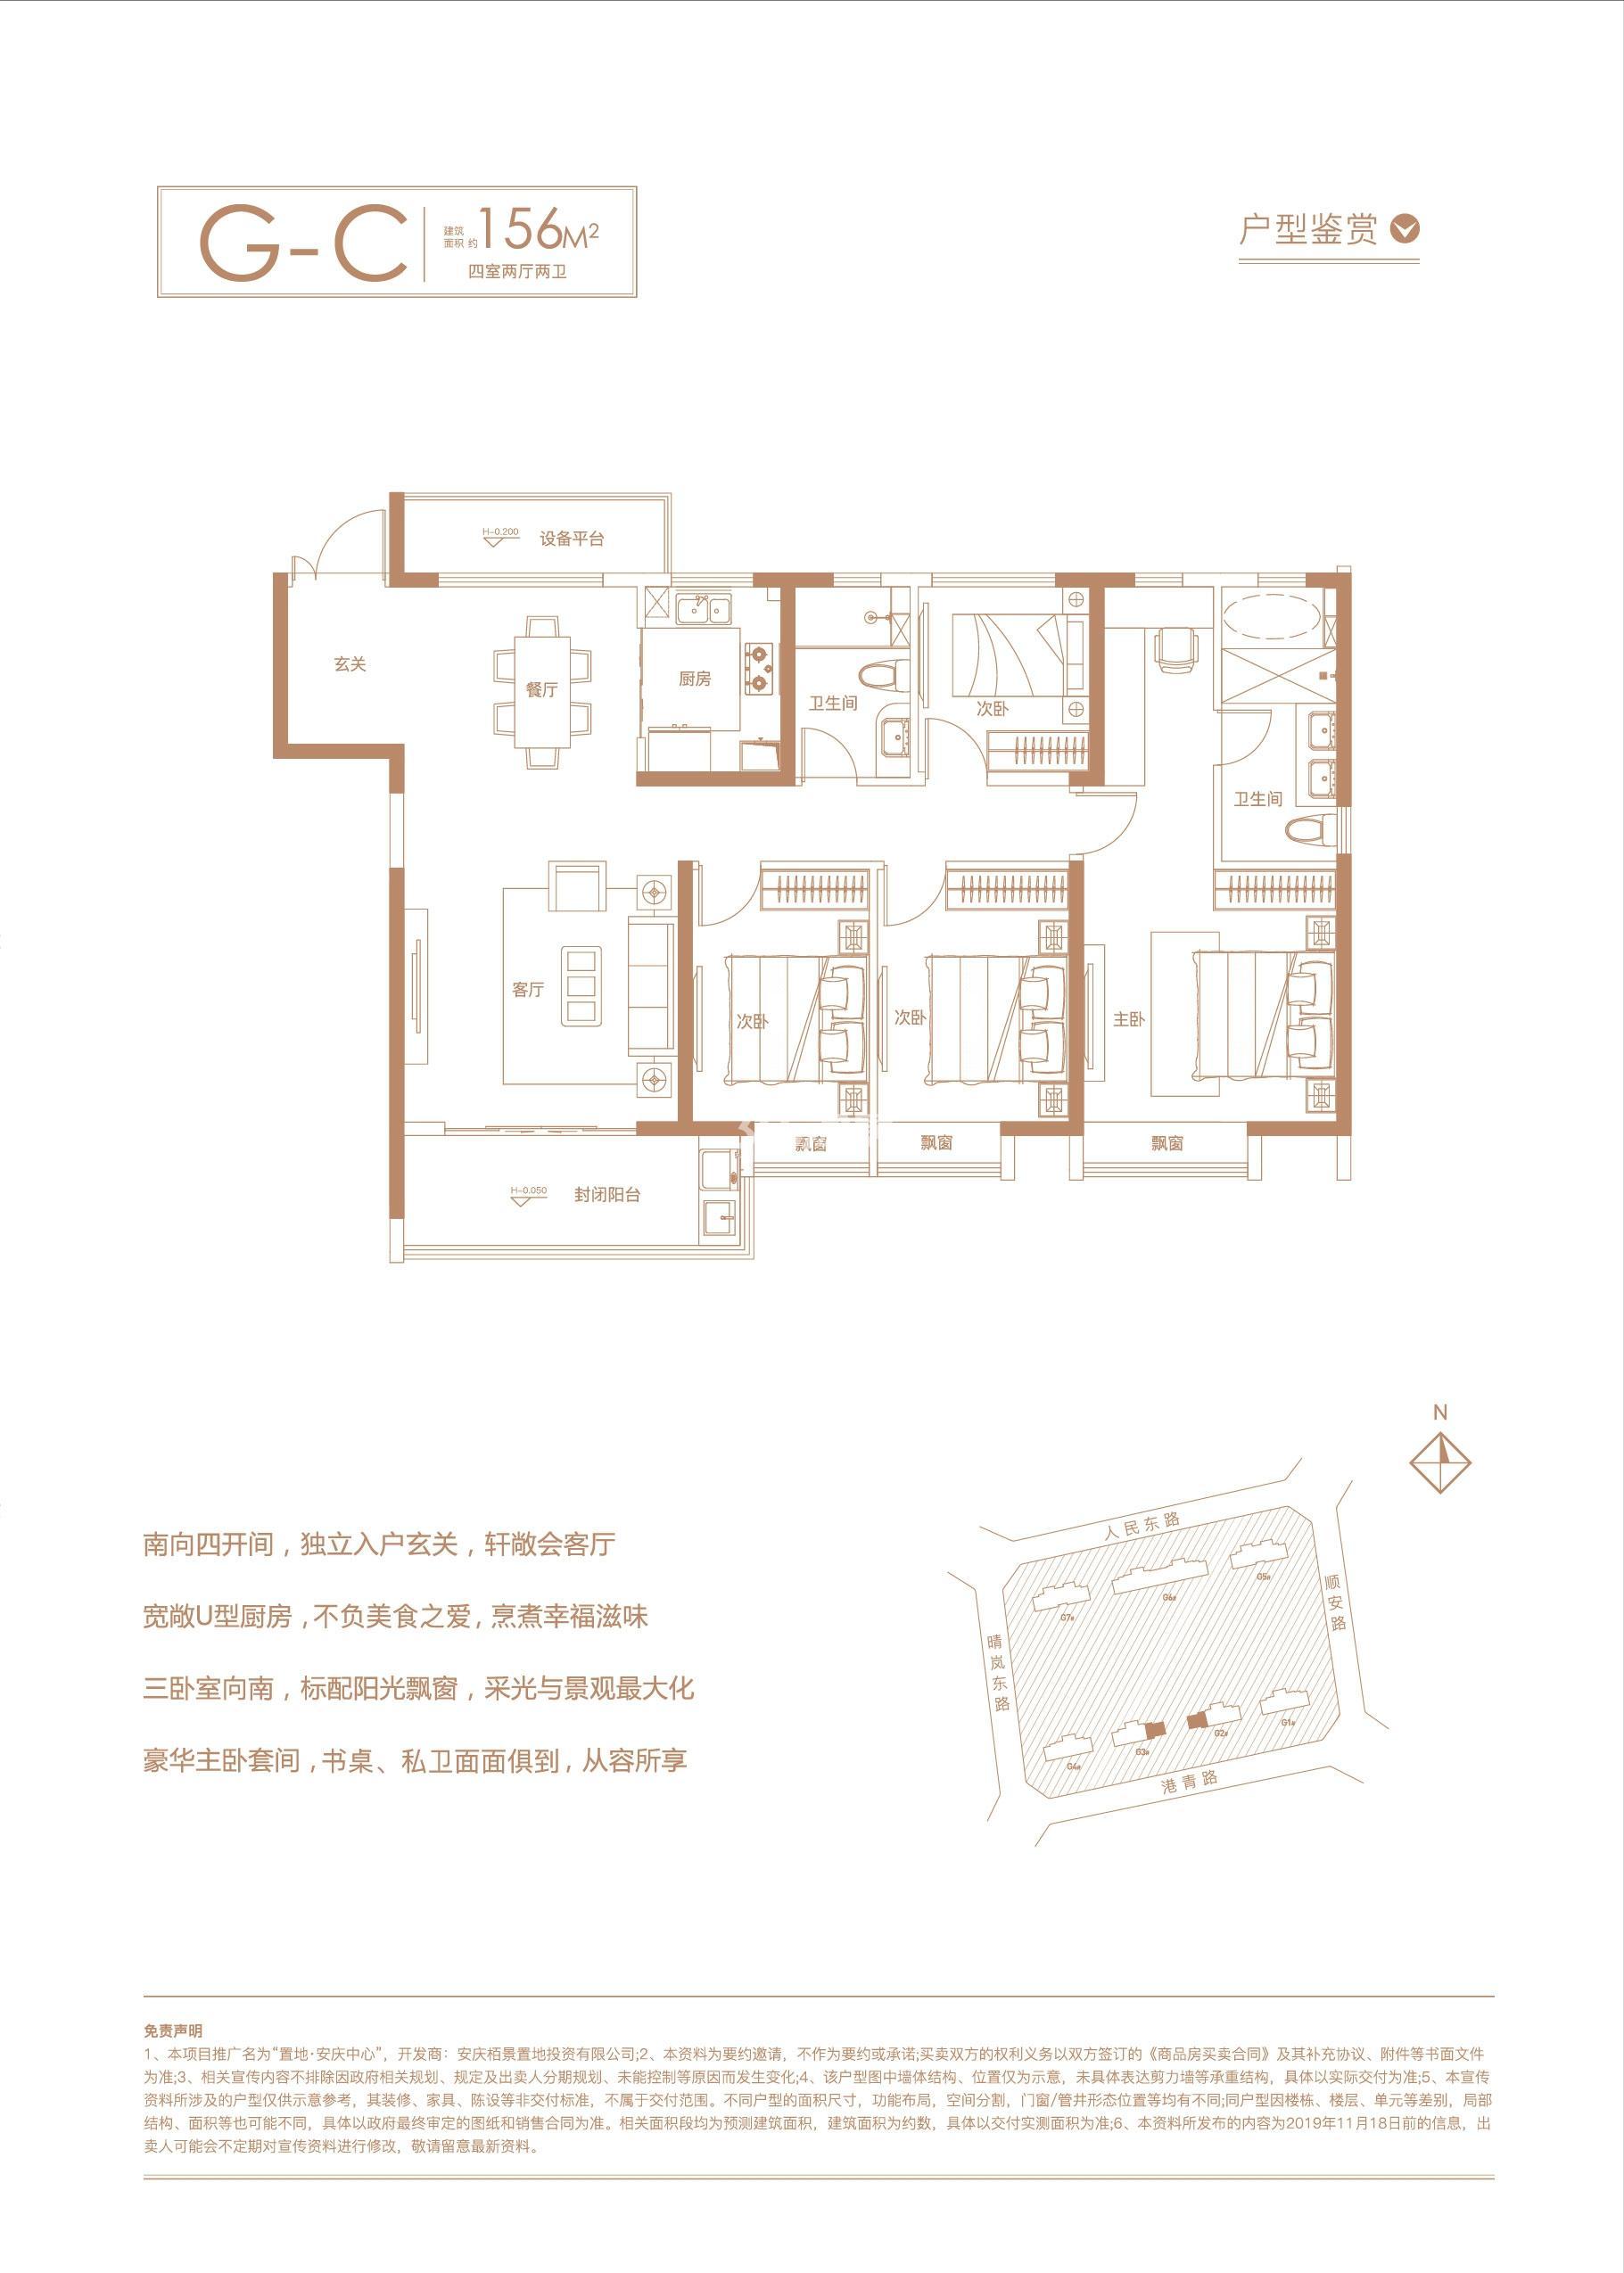 安庆置地安庆中心156㎡四室两厅两卫G-C户型